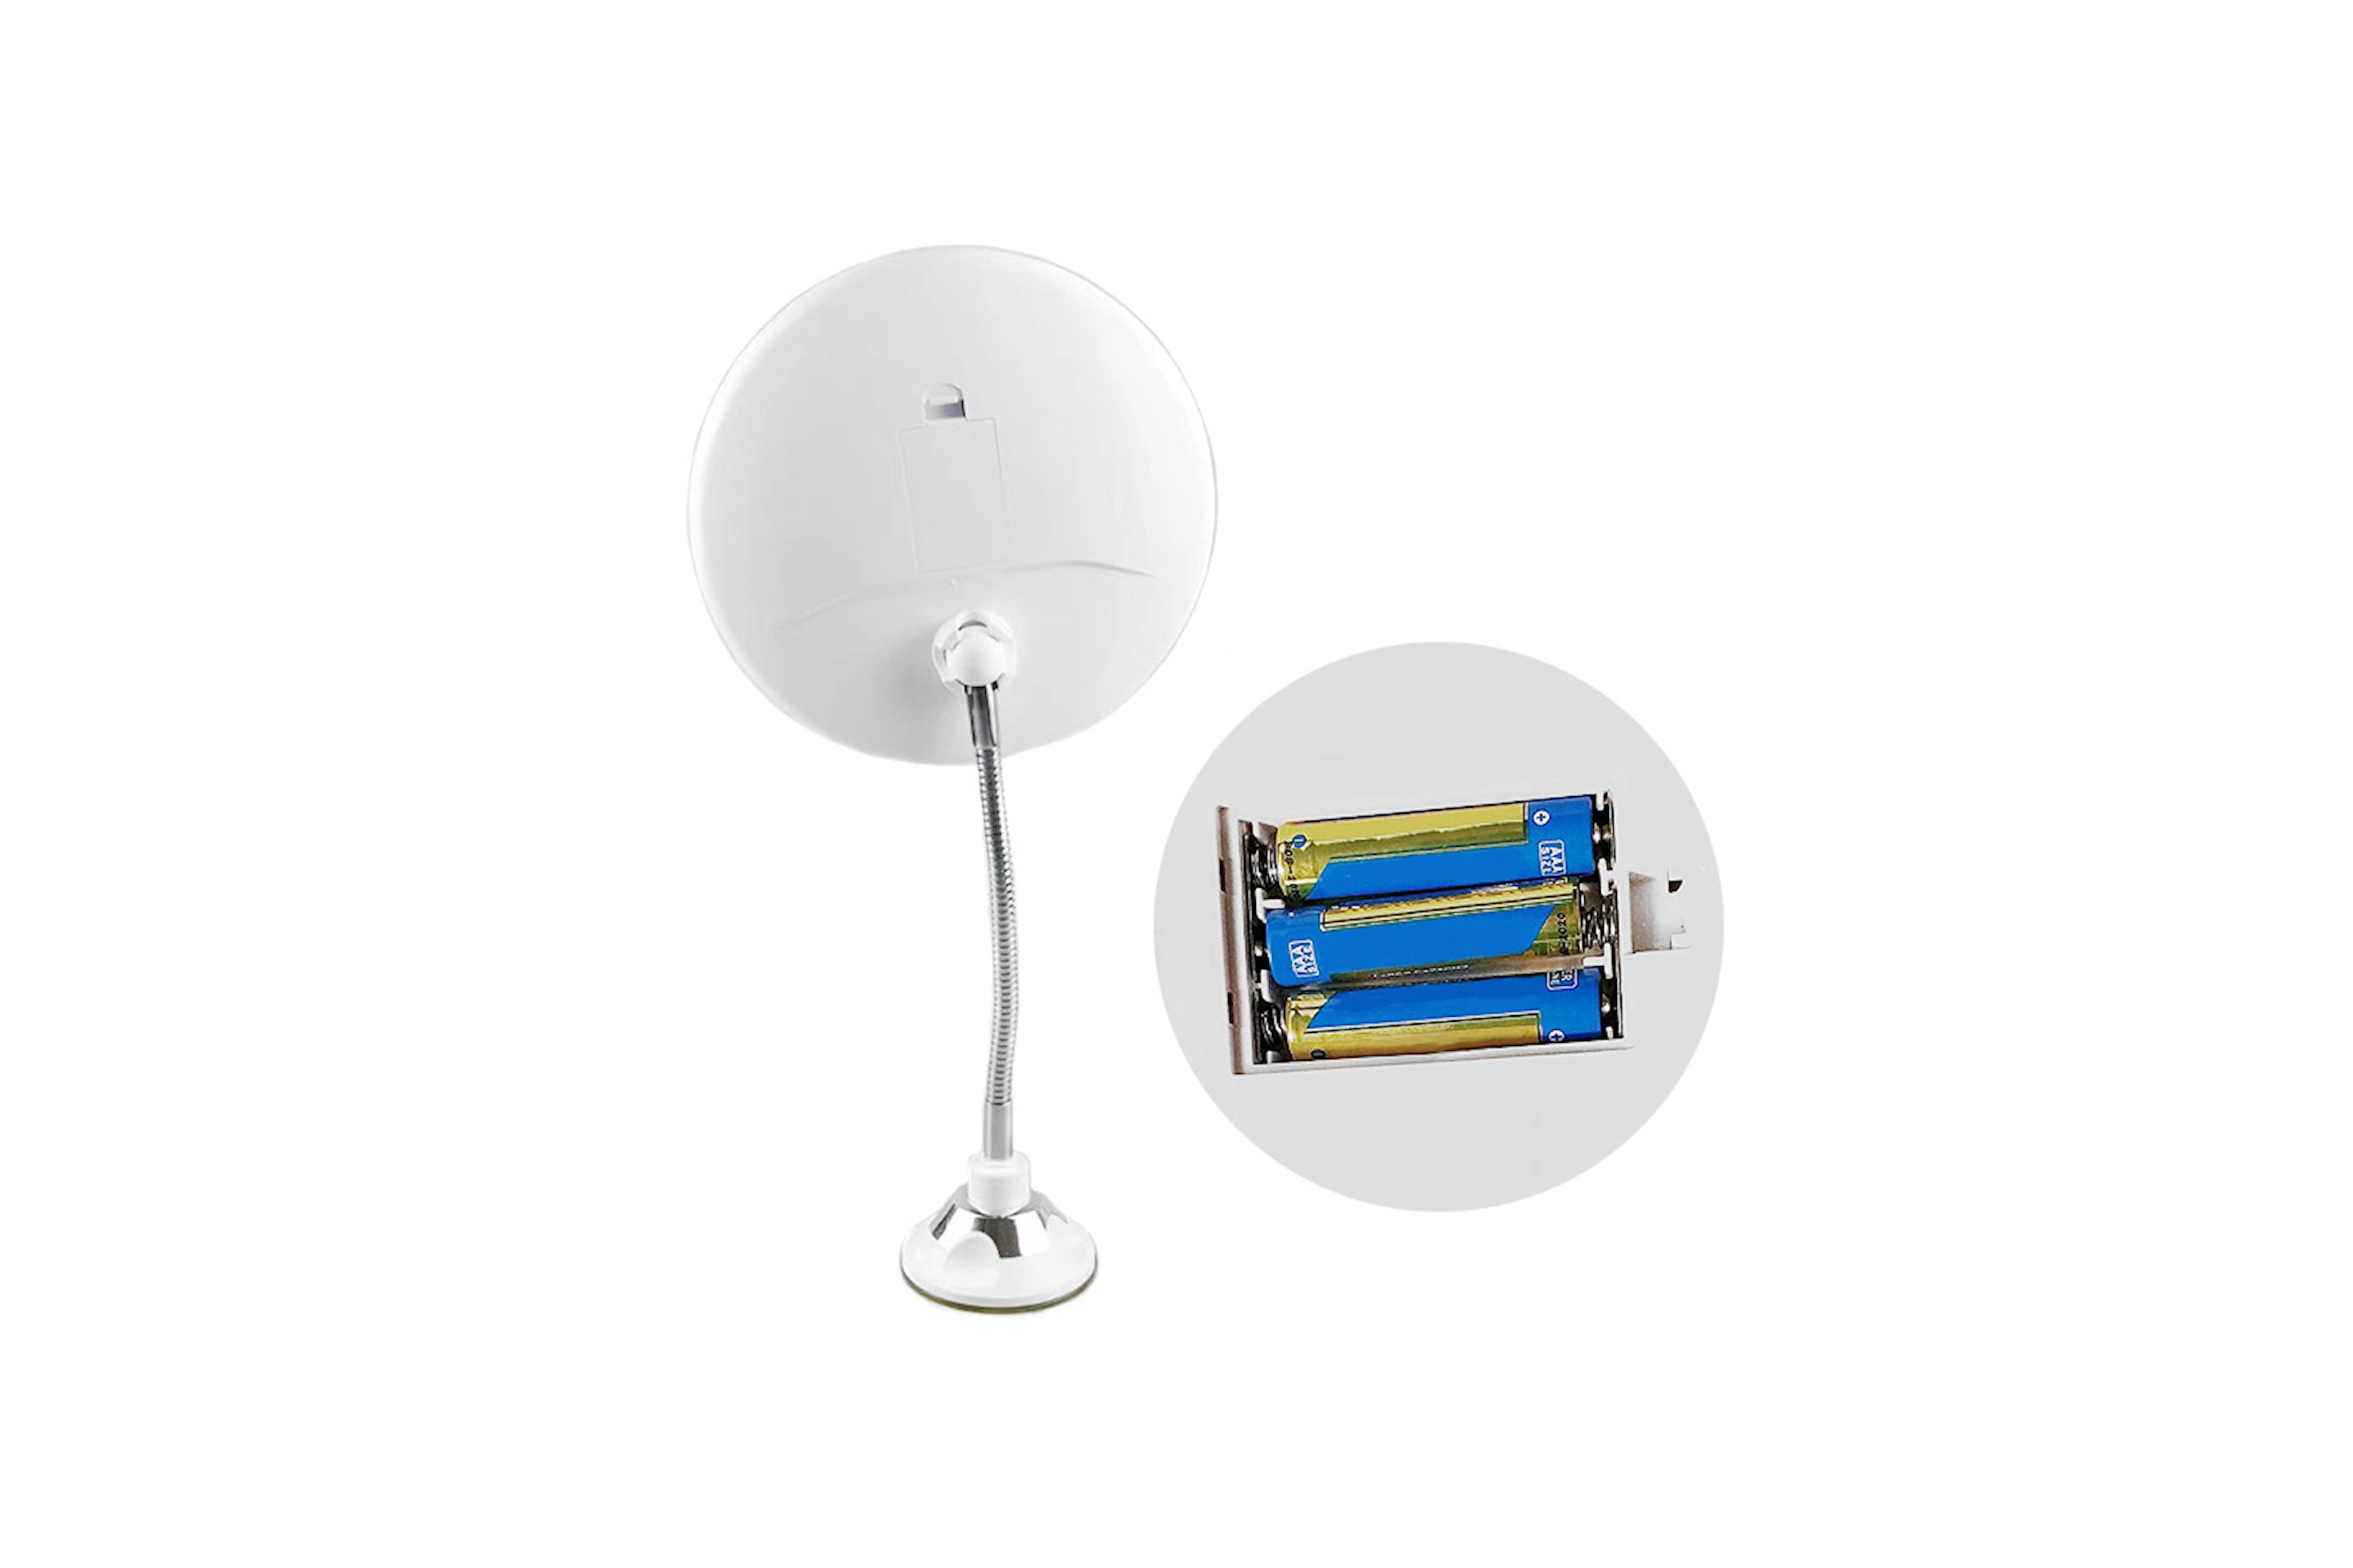 Sminkespeil forstørrelsesfunksjon og LED-lys